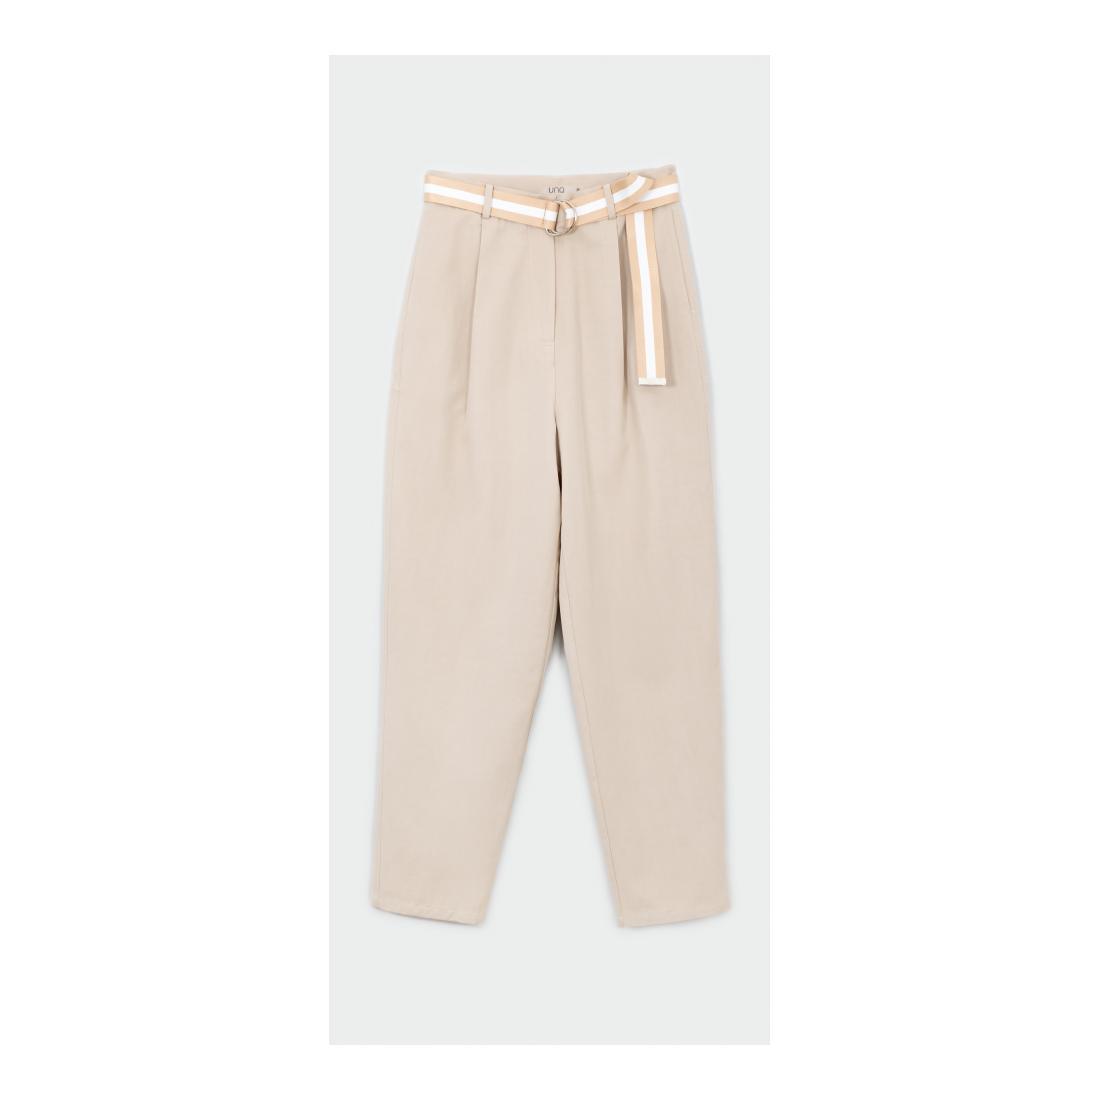 UNQ Freizeithosen Damen Trousers